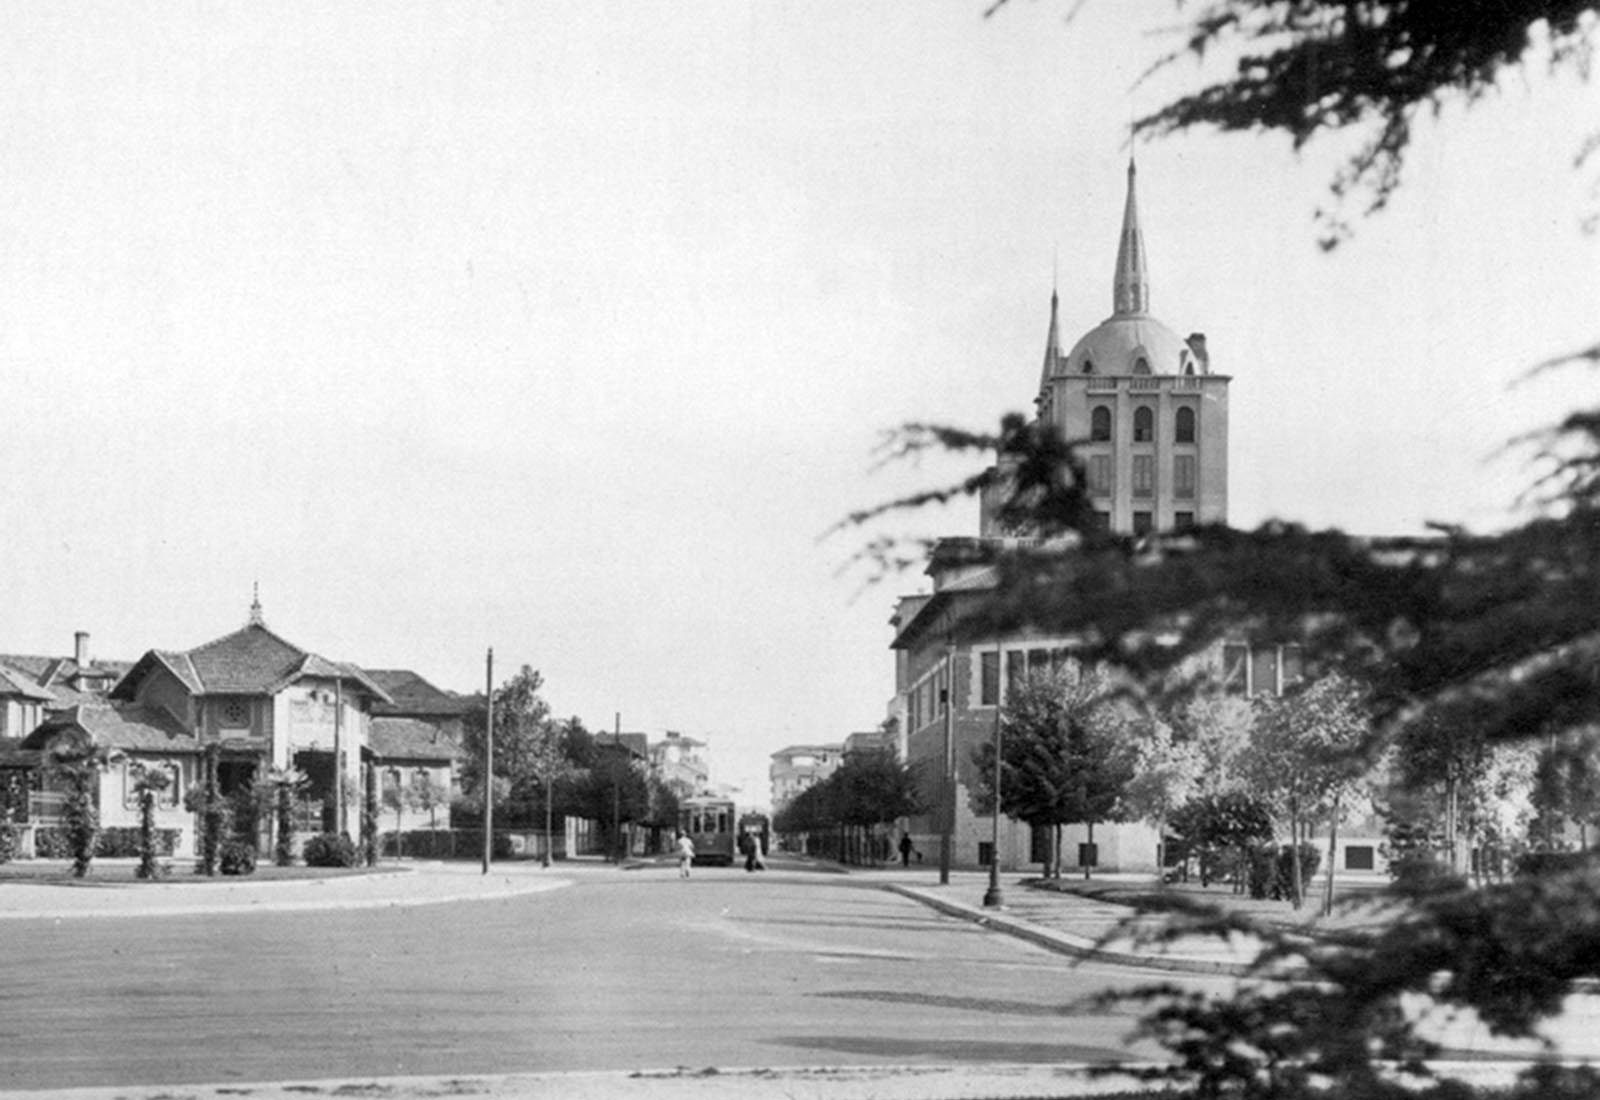 Politecnico Fotonica - L'edificio negli anni 30